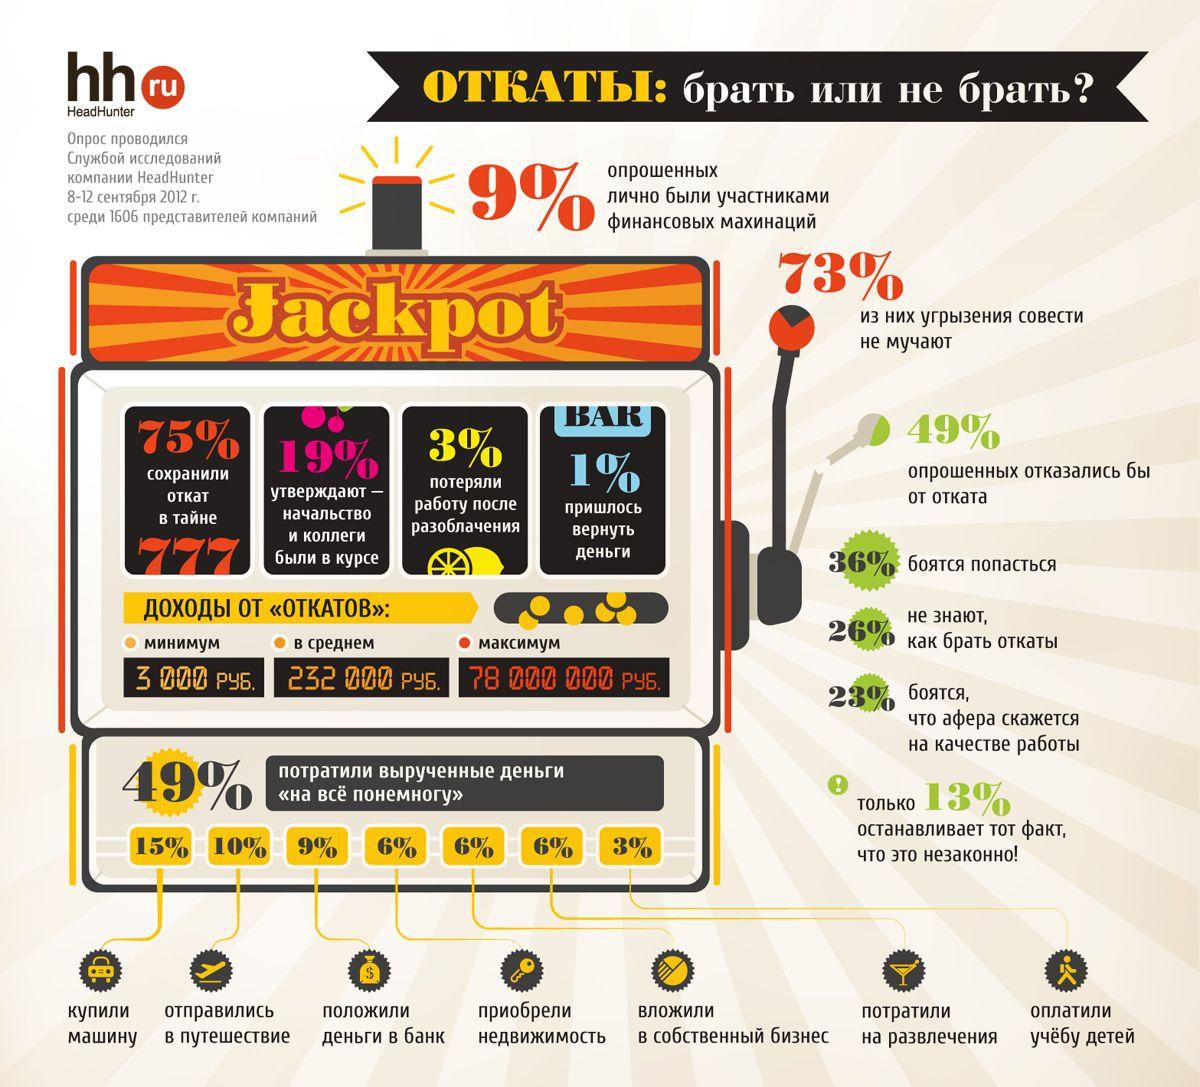 Инфографика: Откаты, брать или не брать?